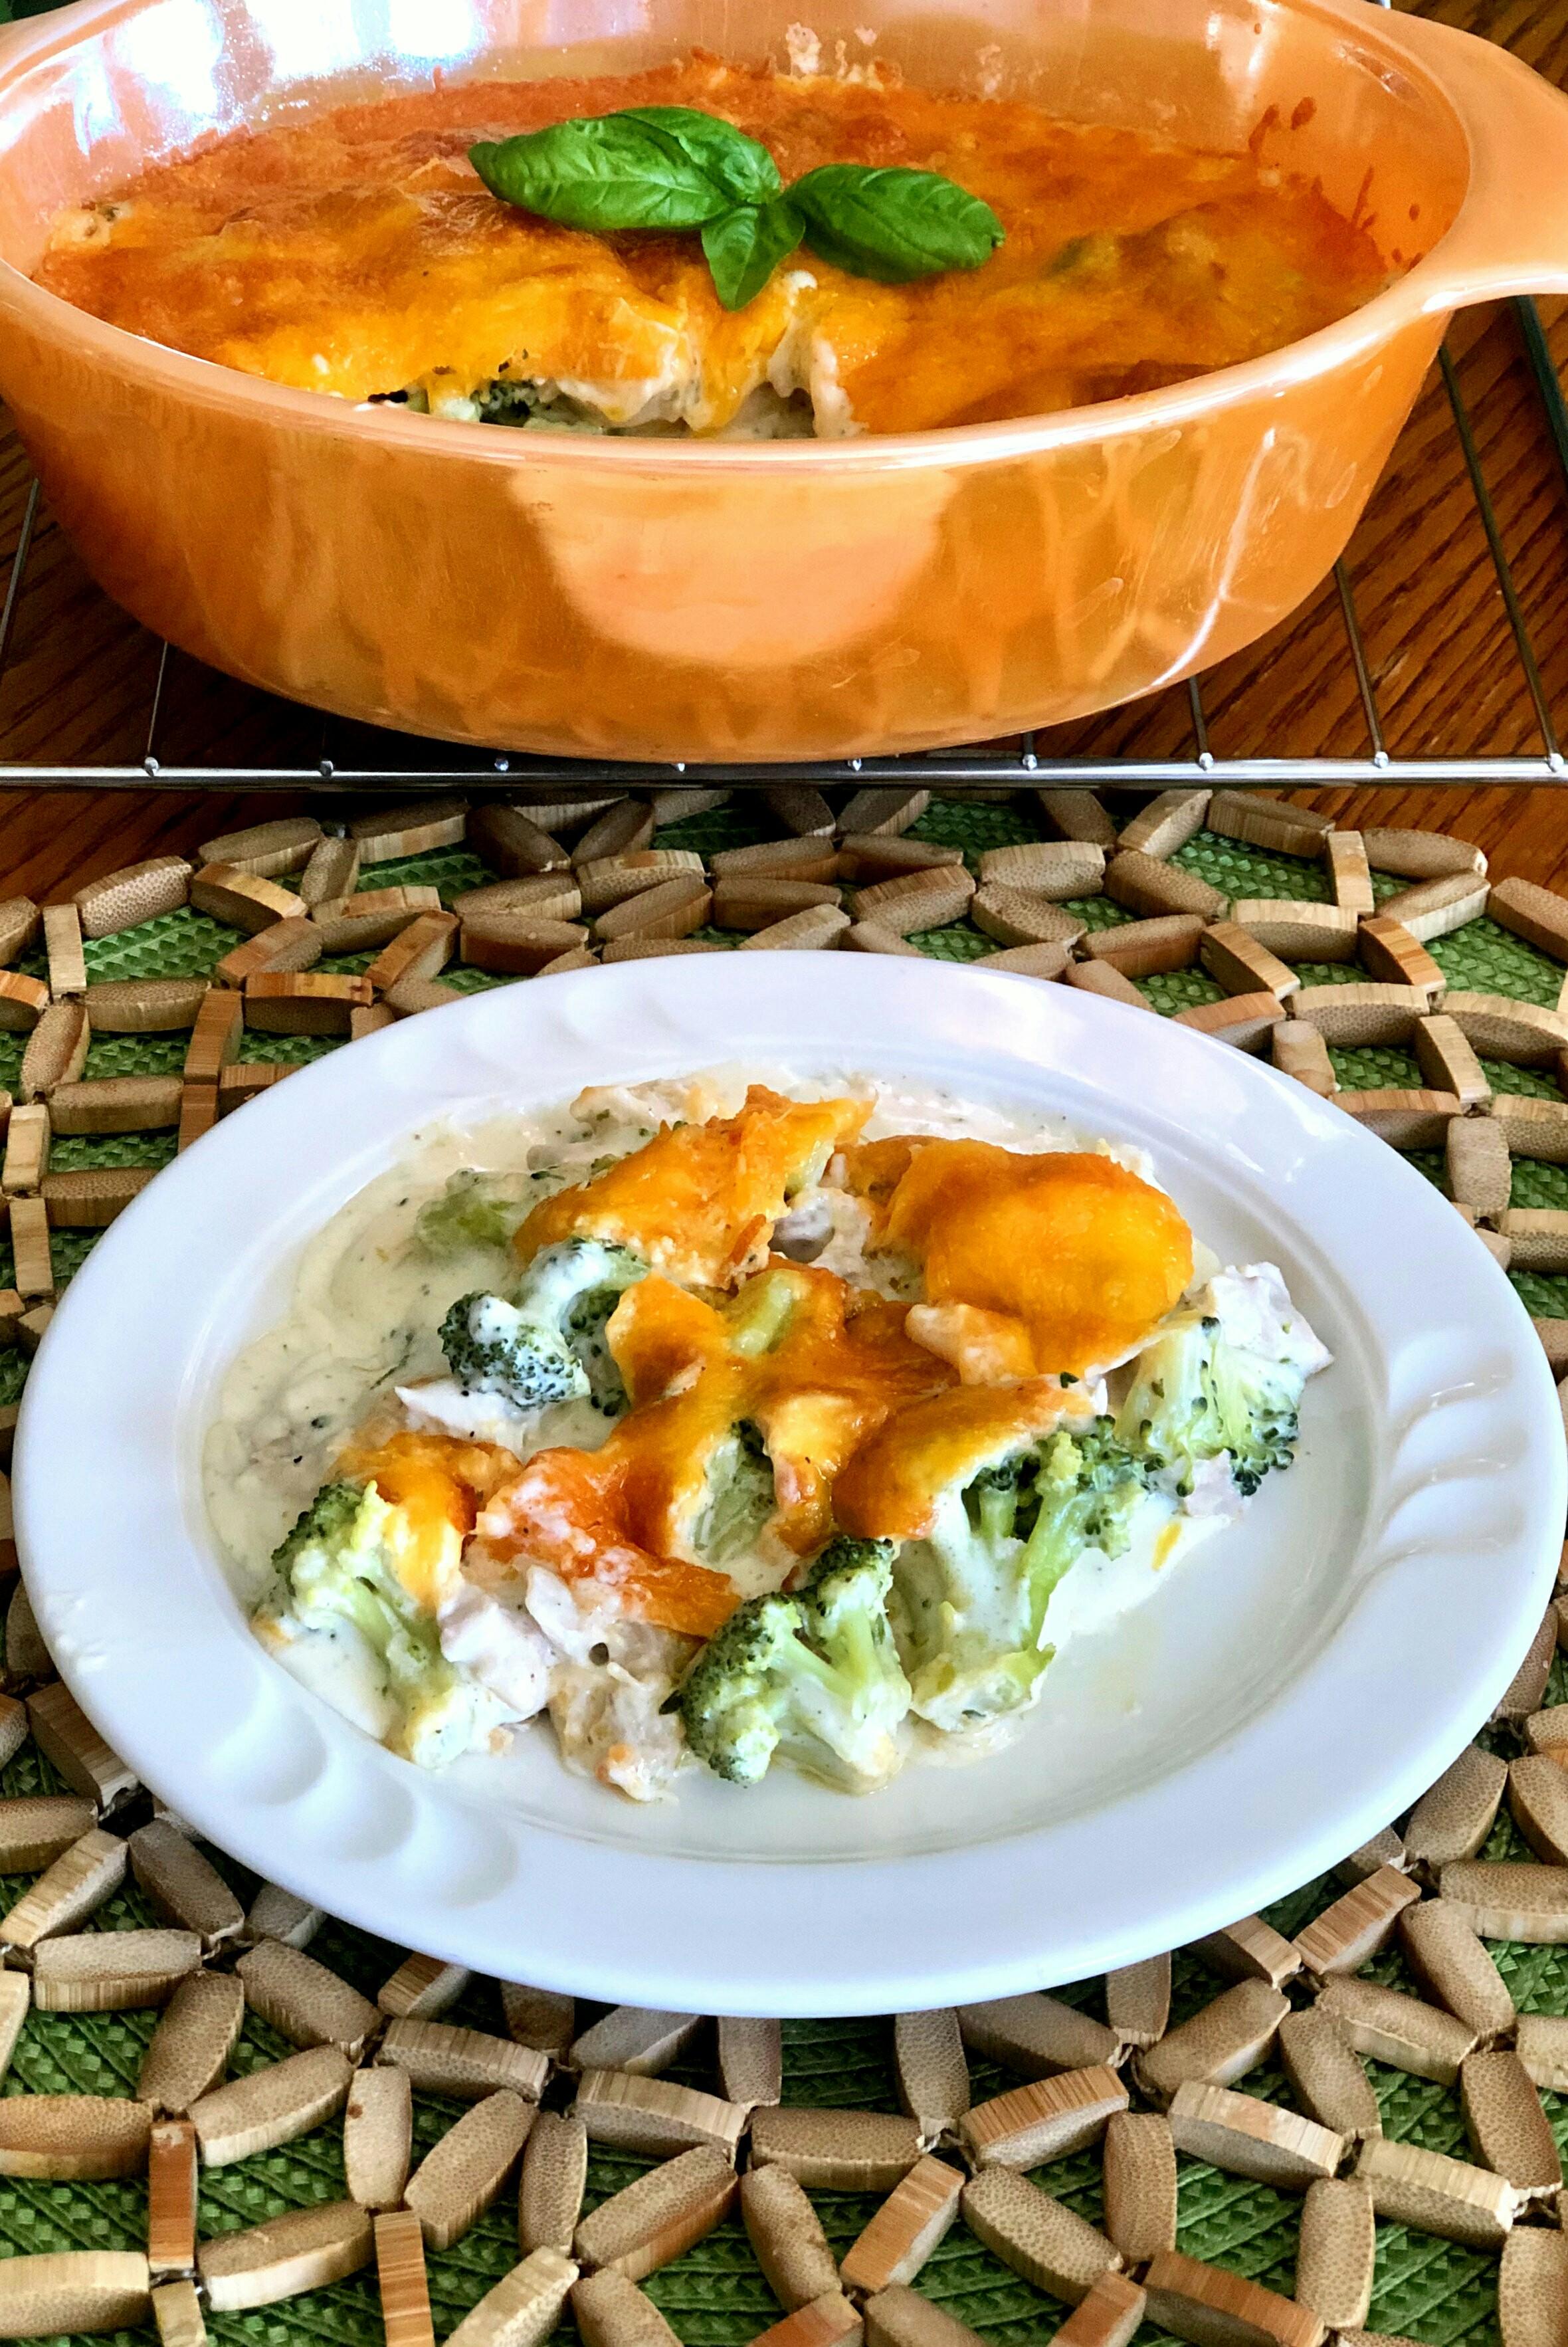 Keto Chicken-Broccoli Casserole image